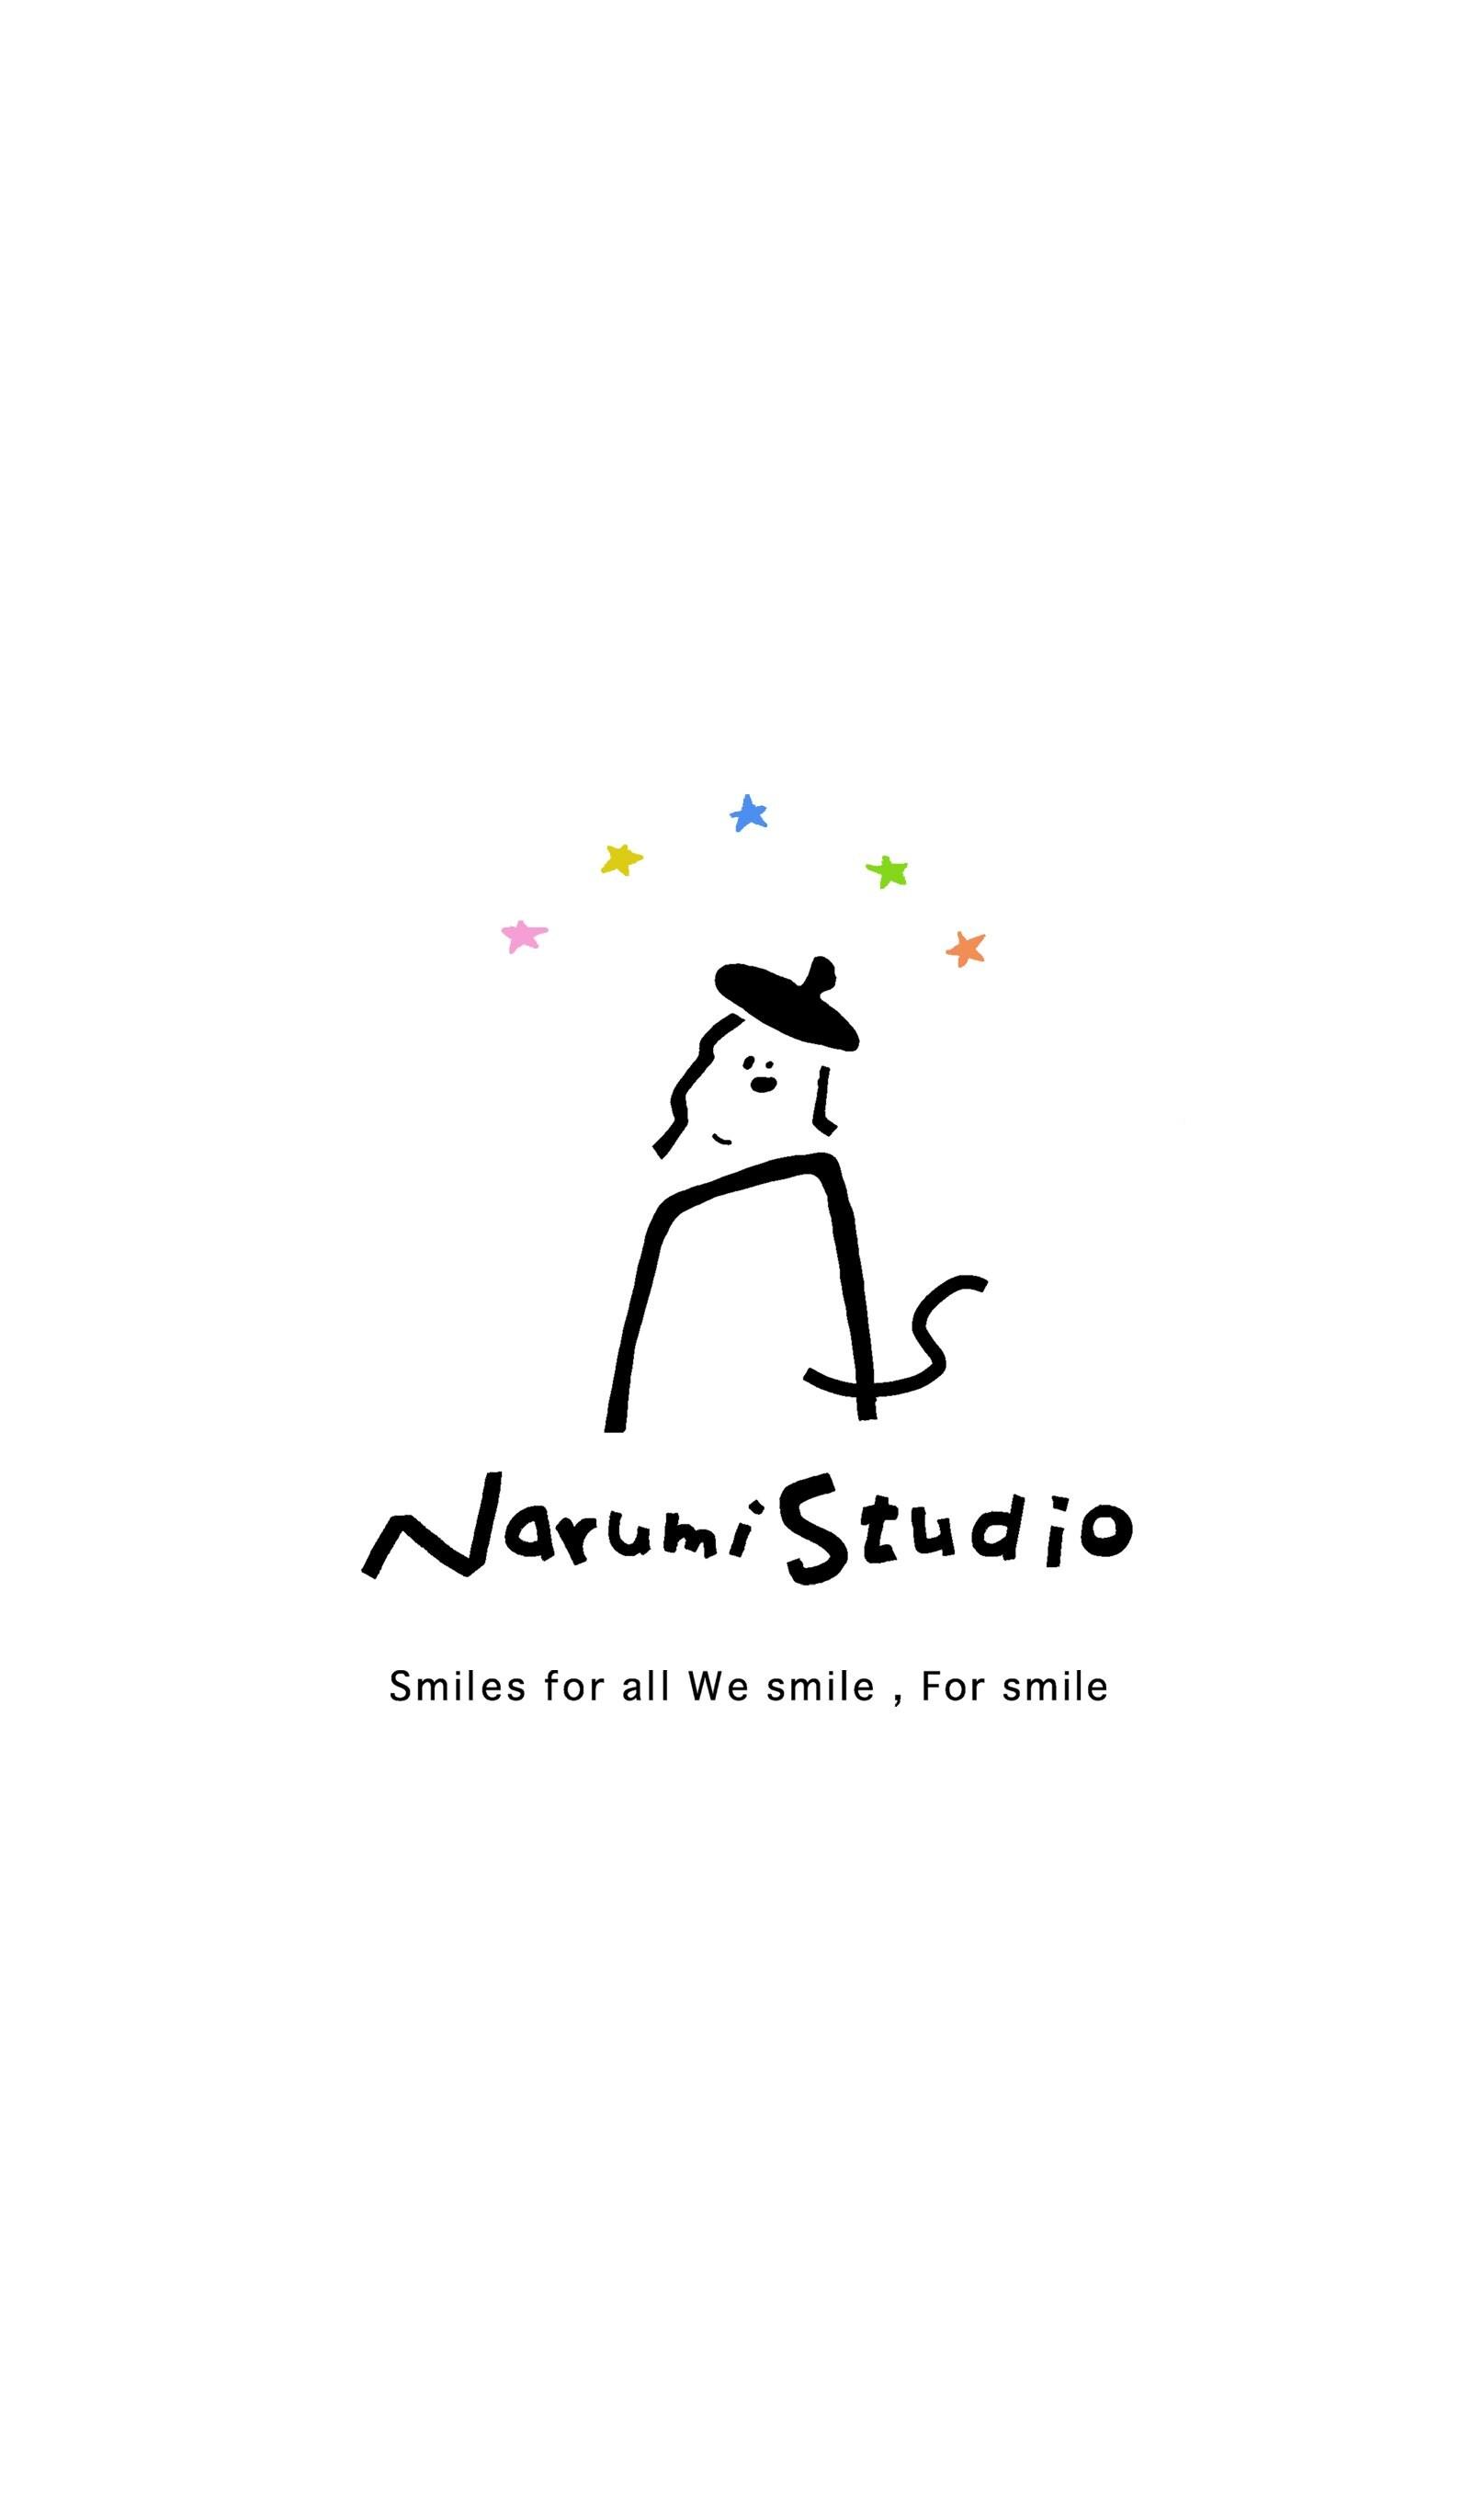 出張教室 5,000yen(レッスン料金) | 成美習字教室 | Narumi Studio |のイメージその1